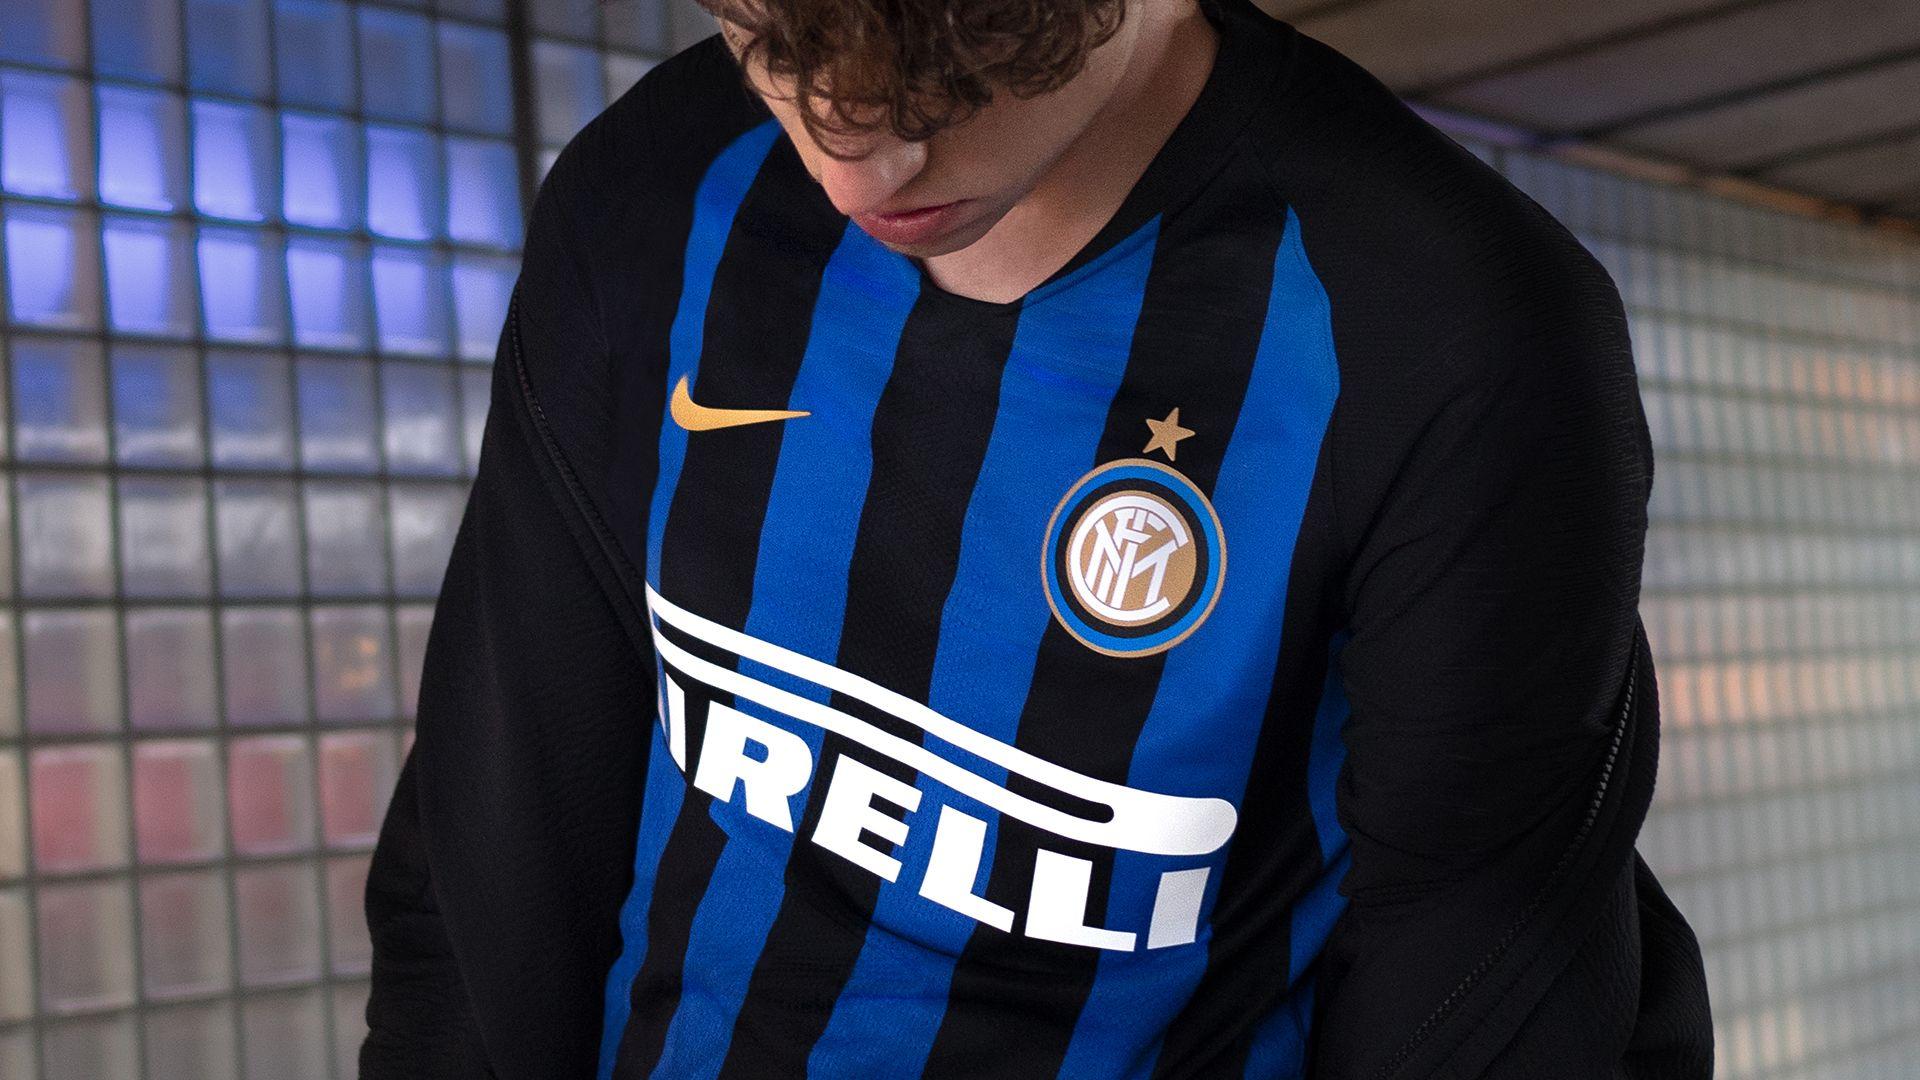 detailed look 46443 536c7 2018/19 Inter Milan Stadium Home Kit. Nike.com